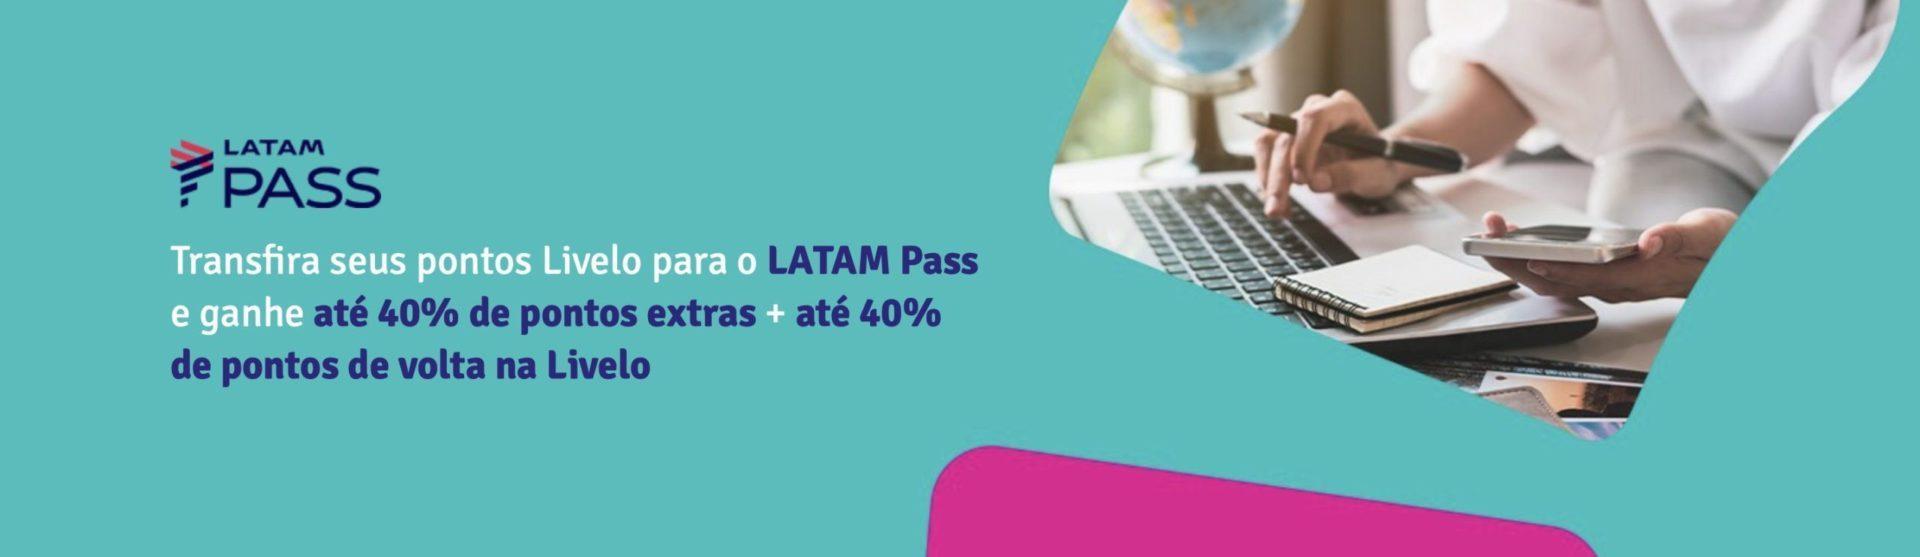 bumerangue Livelo LATAM 80%